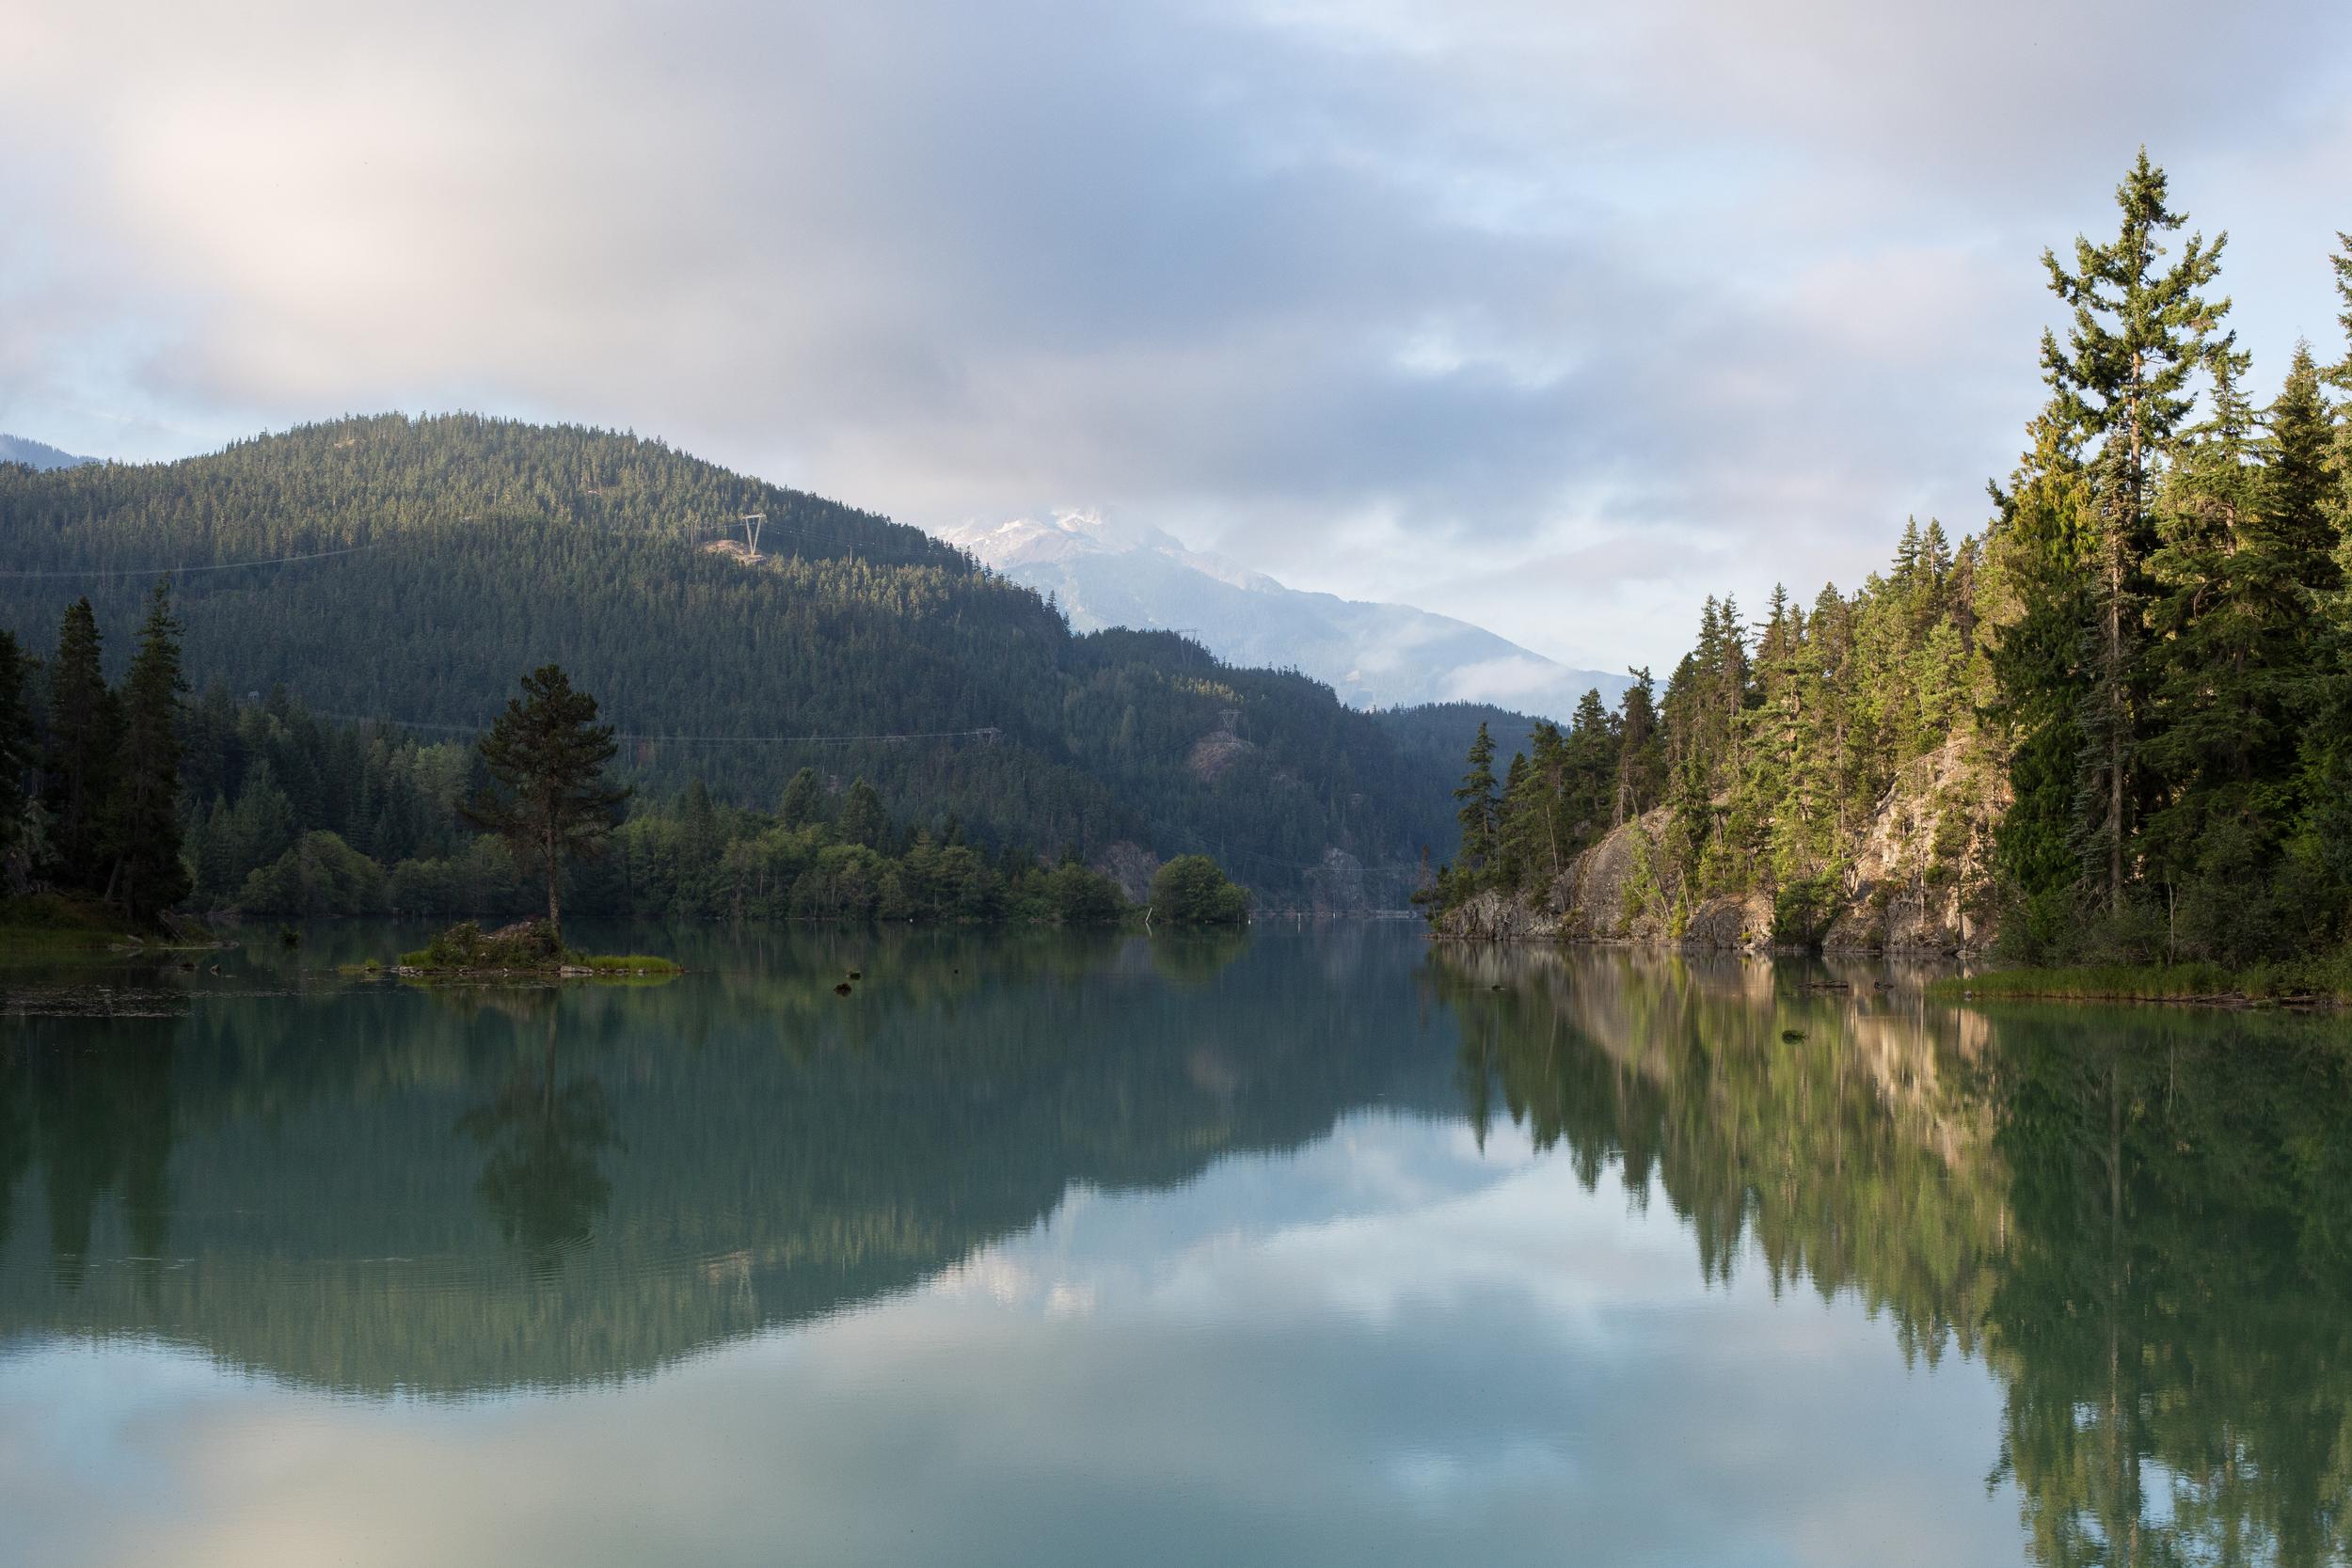 Hobo camp spot, Whistler